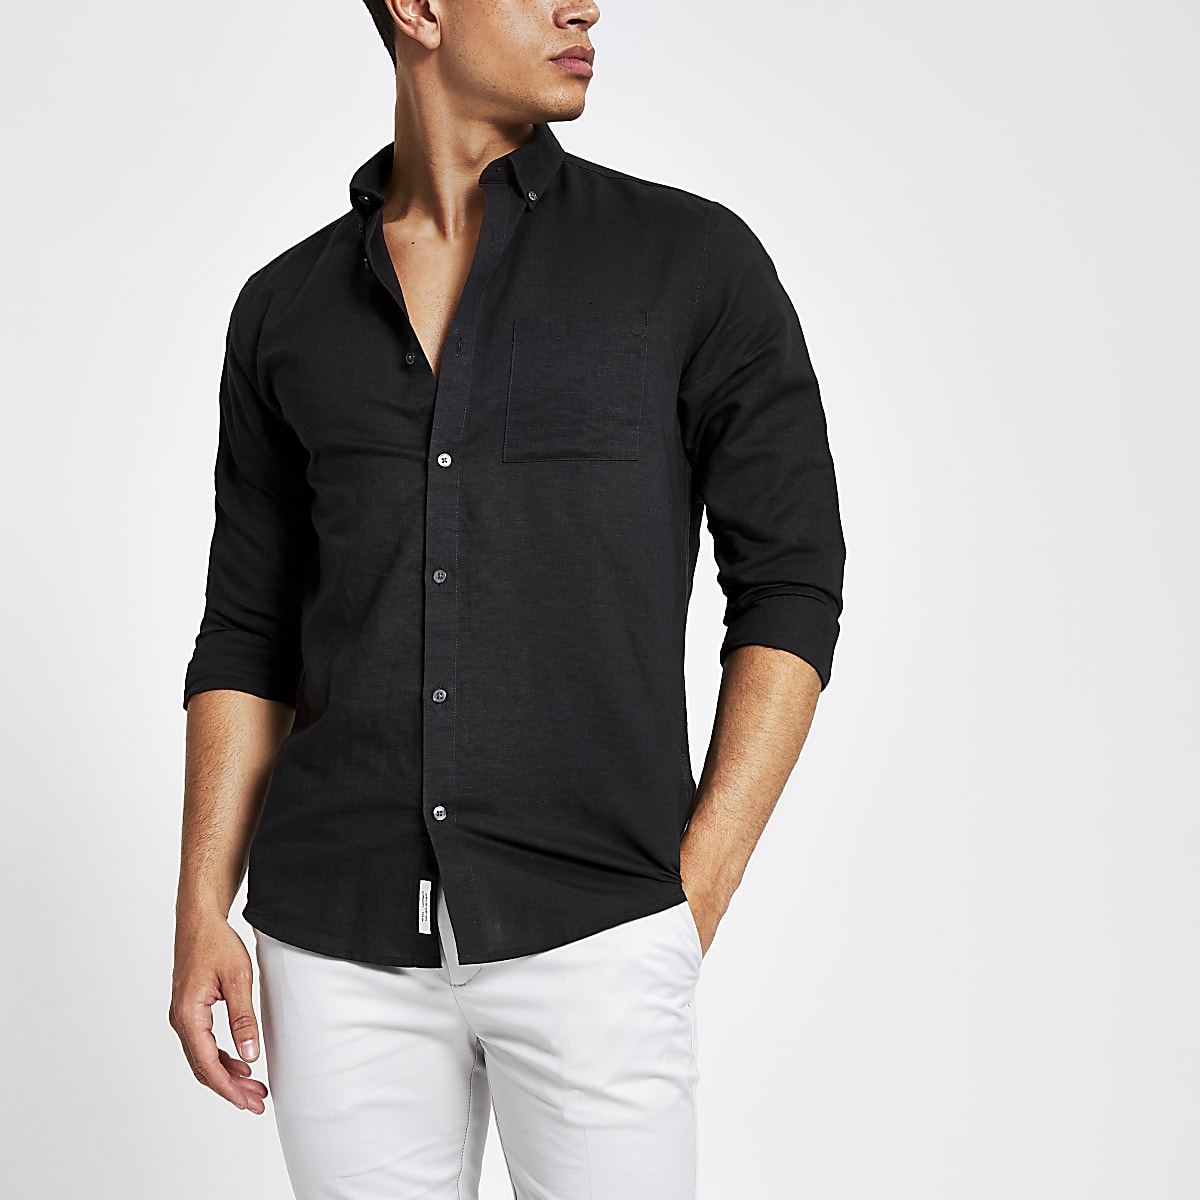 Zwart Linnen Heren Overhemd.Zwart Linnen Overhemd Met Lange Mouwen Overhemden Met Lange Mouwen